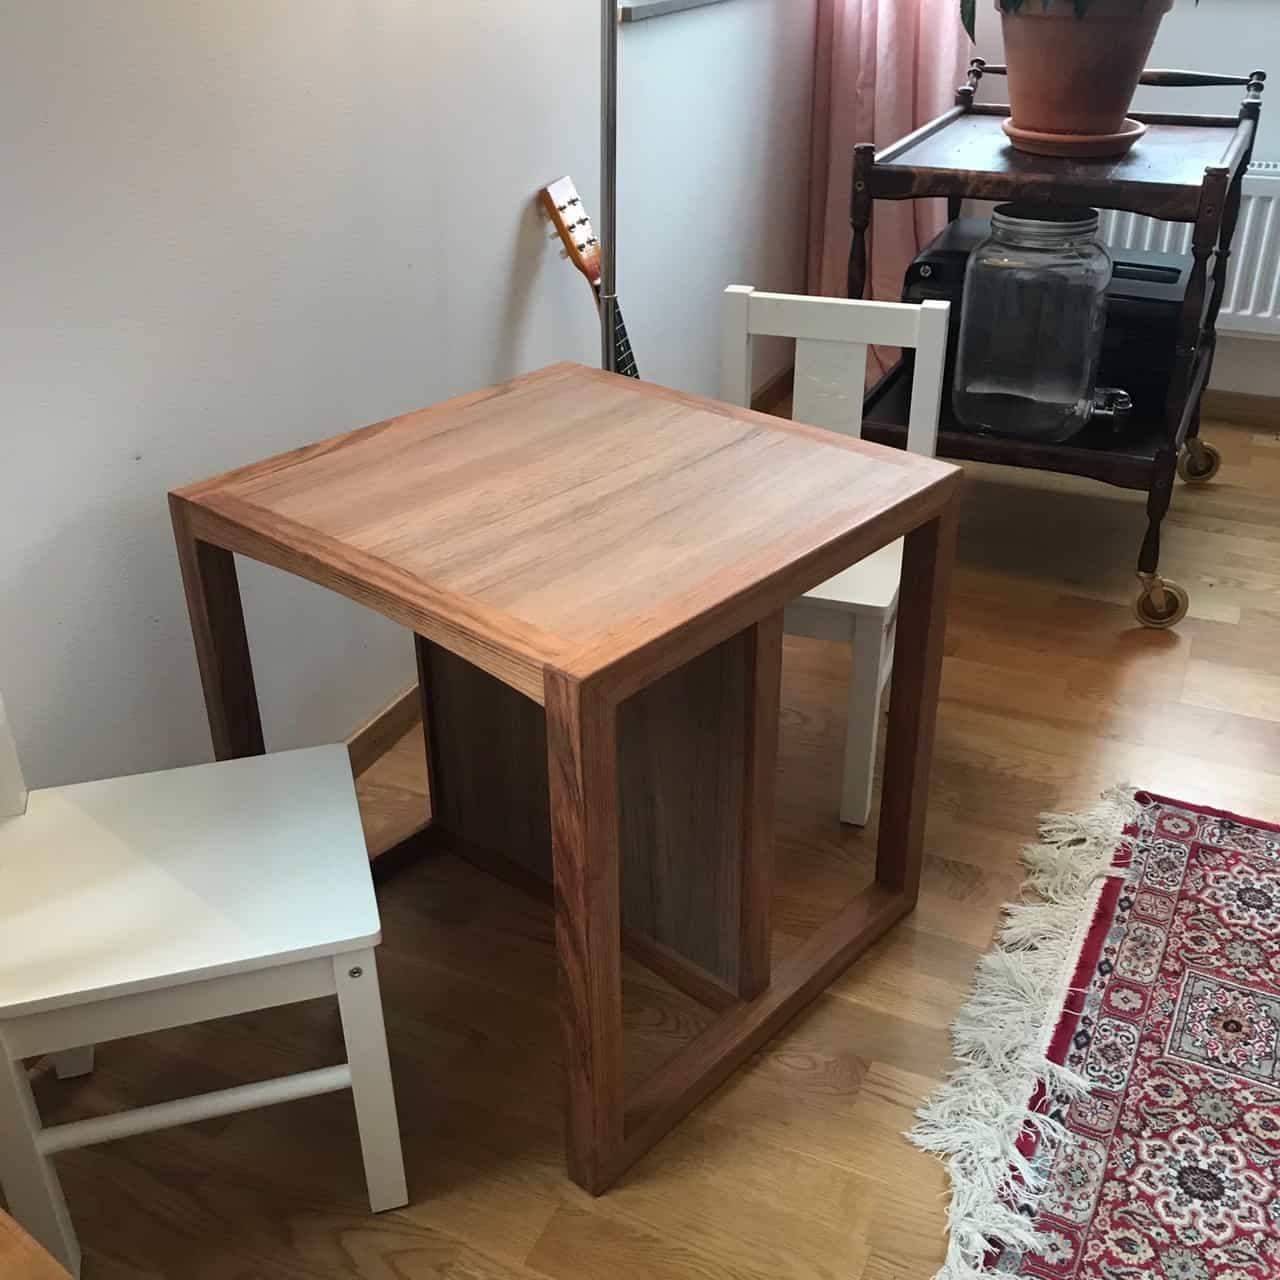 """Referensjobb """"Multifunktionell barnstol/bord"""" utfört av Eklund Finsnickeri AB"""